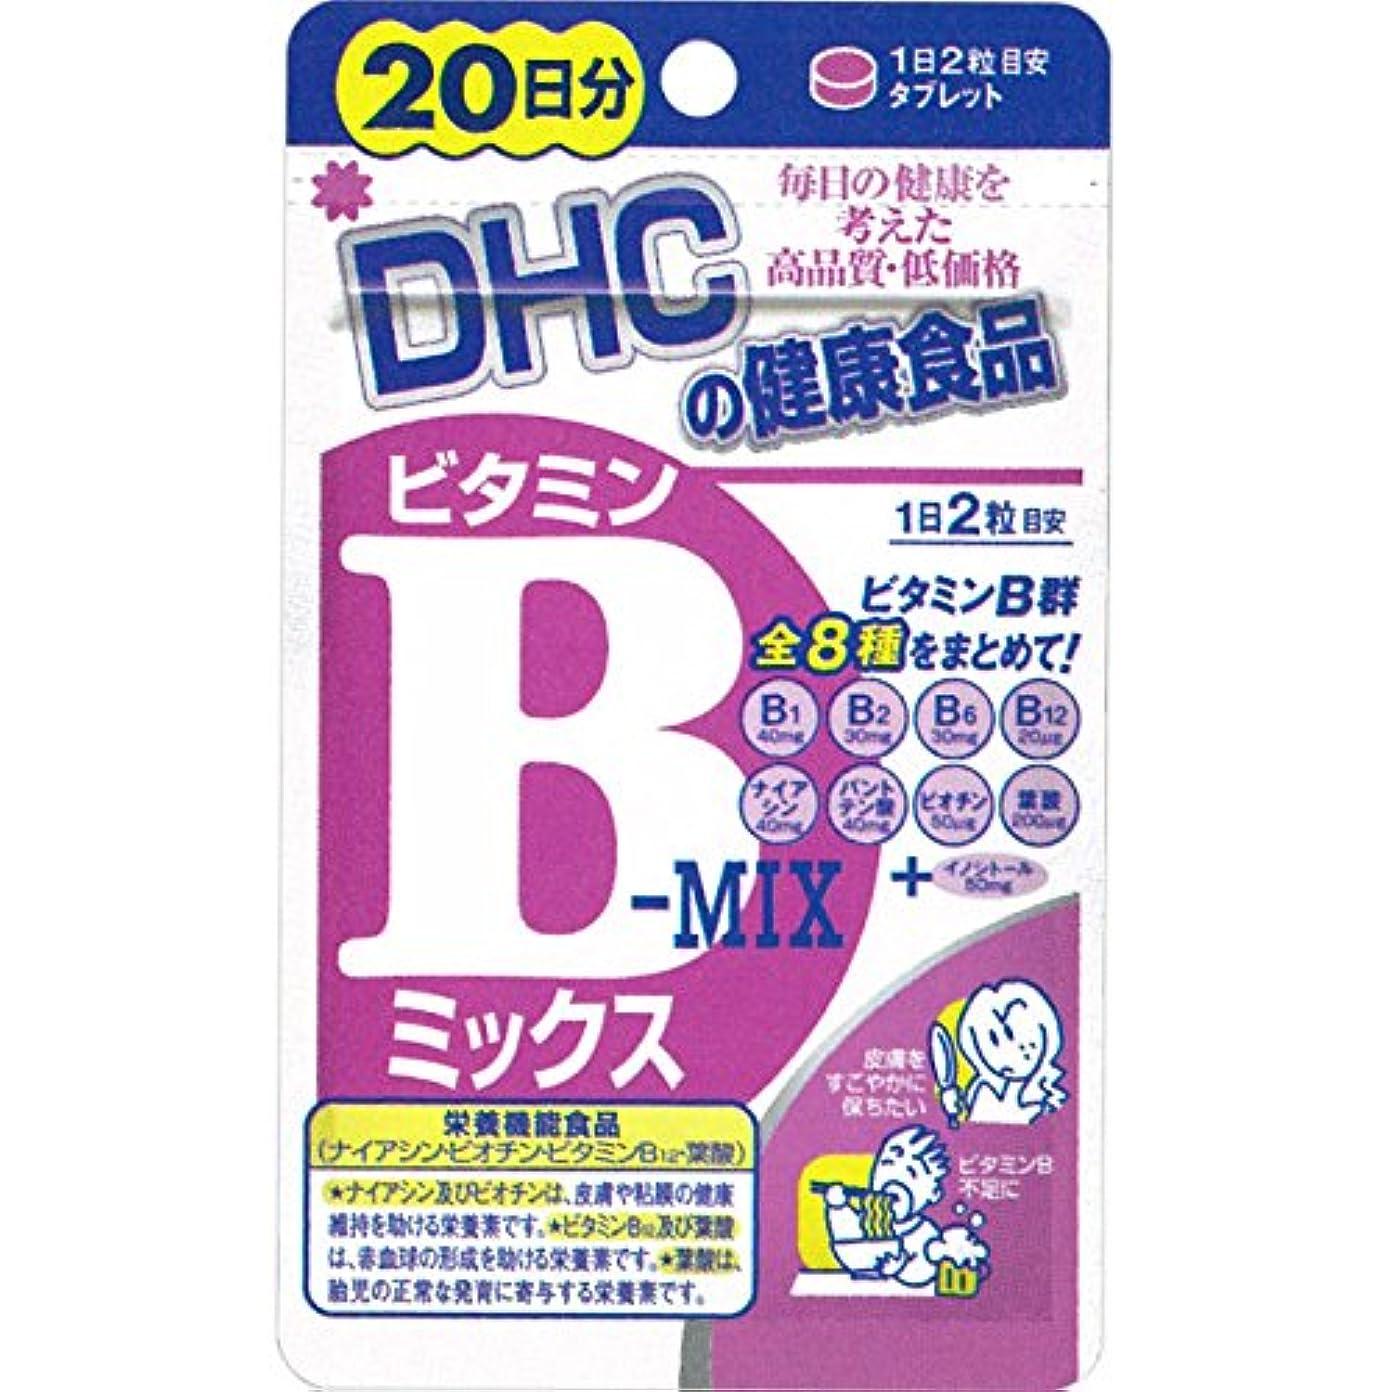 部分対称反対にDHC(ディーエイチシー) サプリメント DHC ビタミンB MIX 20日分